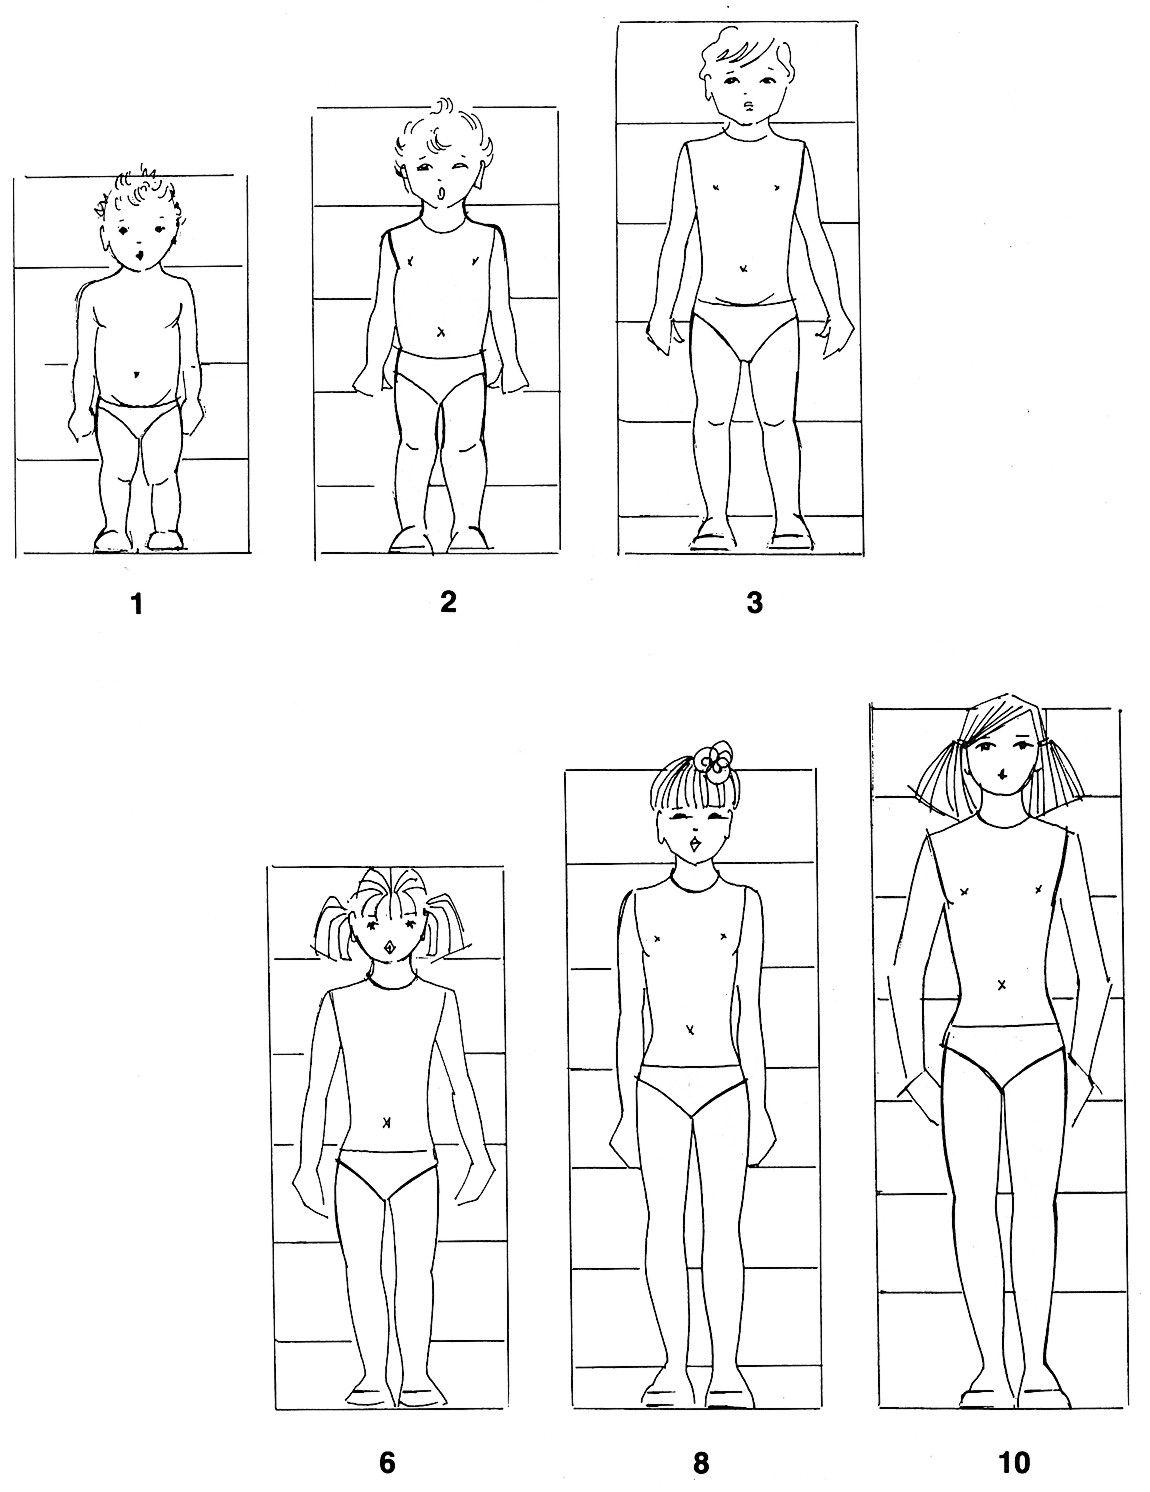 Как нарисовать работу модели работа в сфере досуга для девушек в челябинске